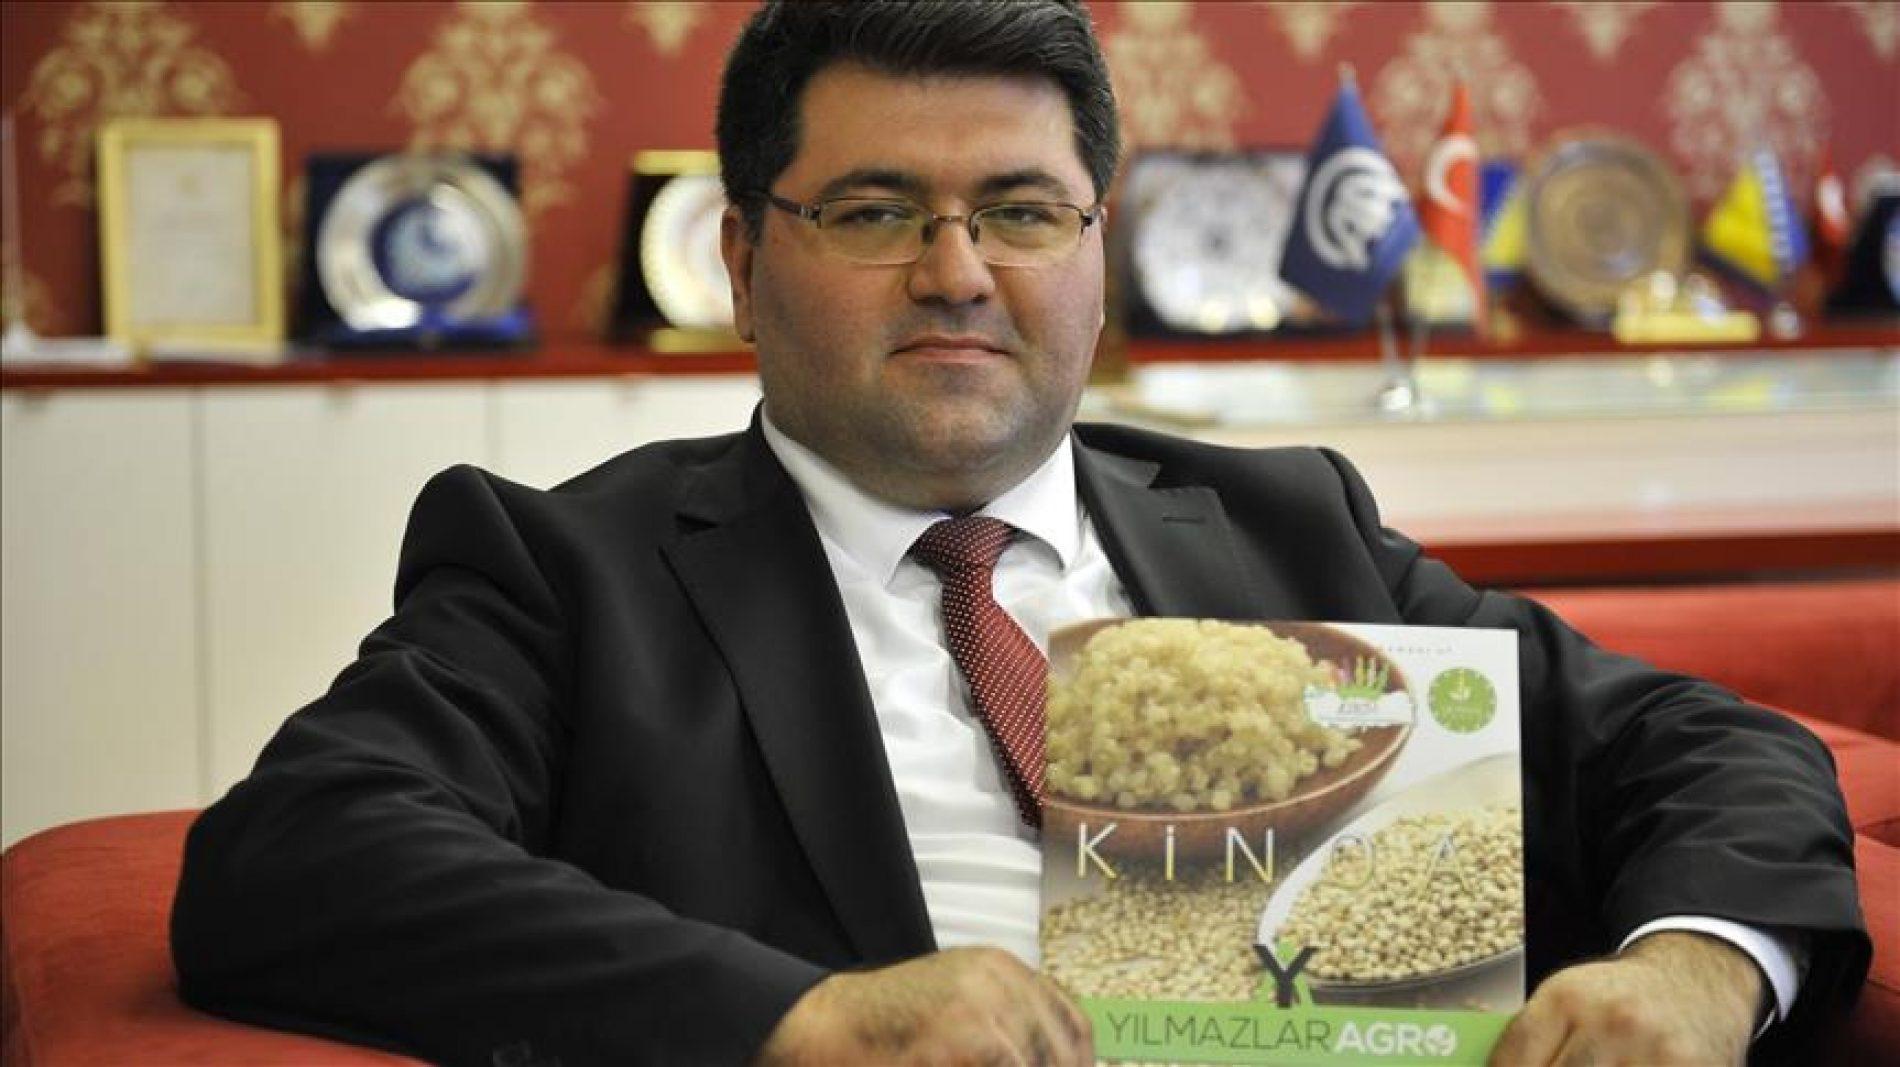 Otporna biljka, važna namirnica: U Bosni i Hercegovini uskoro počinje uzgoj kvinoje